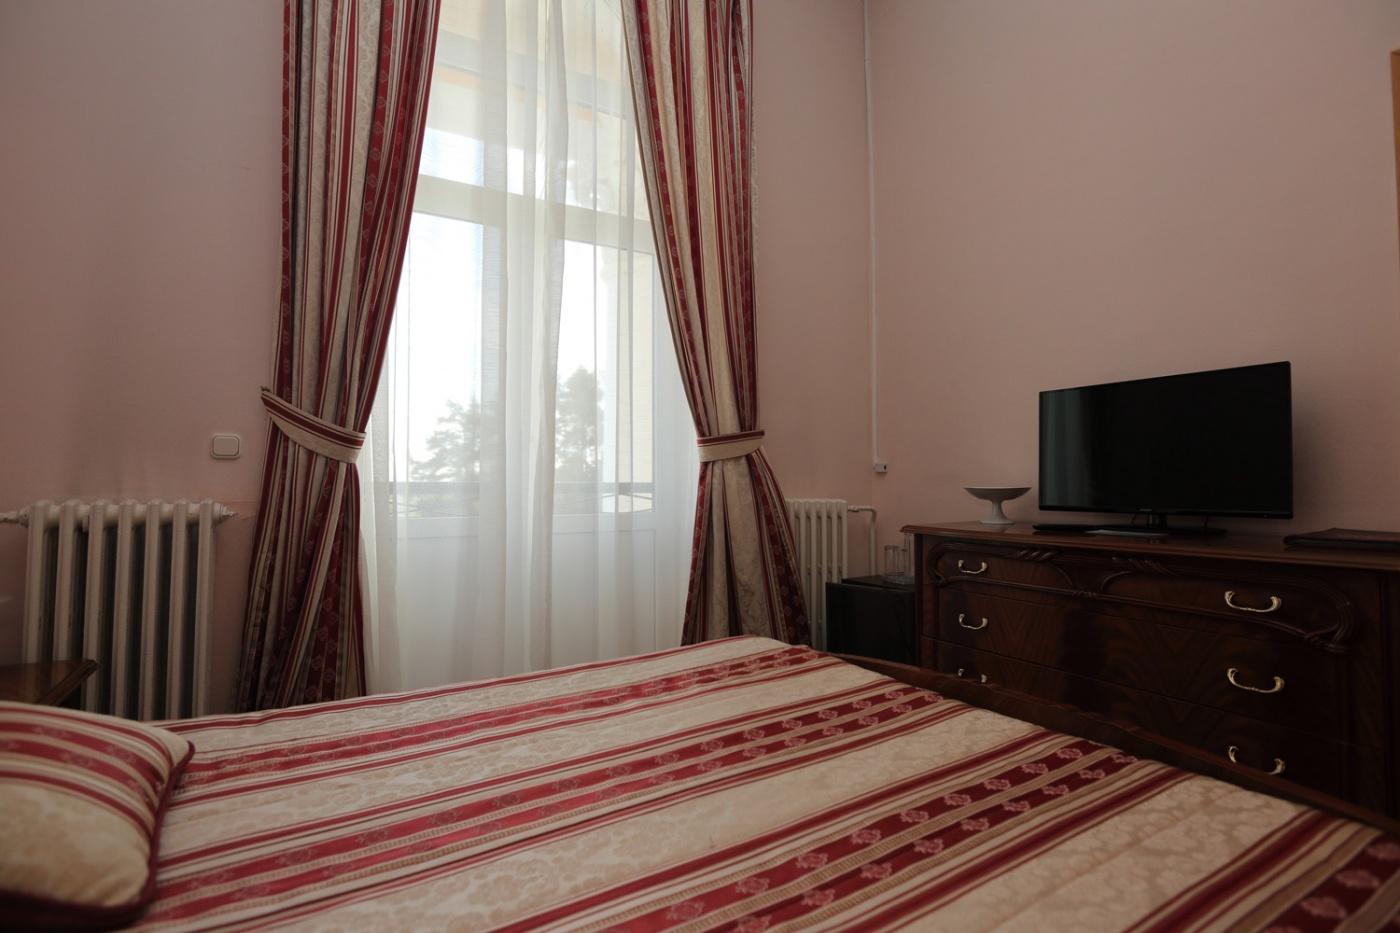 Пансионат «Бор» Московская область 1-комнатный 2-местный номер (Отель), фото 2